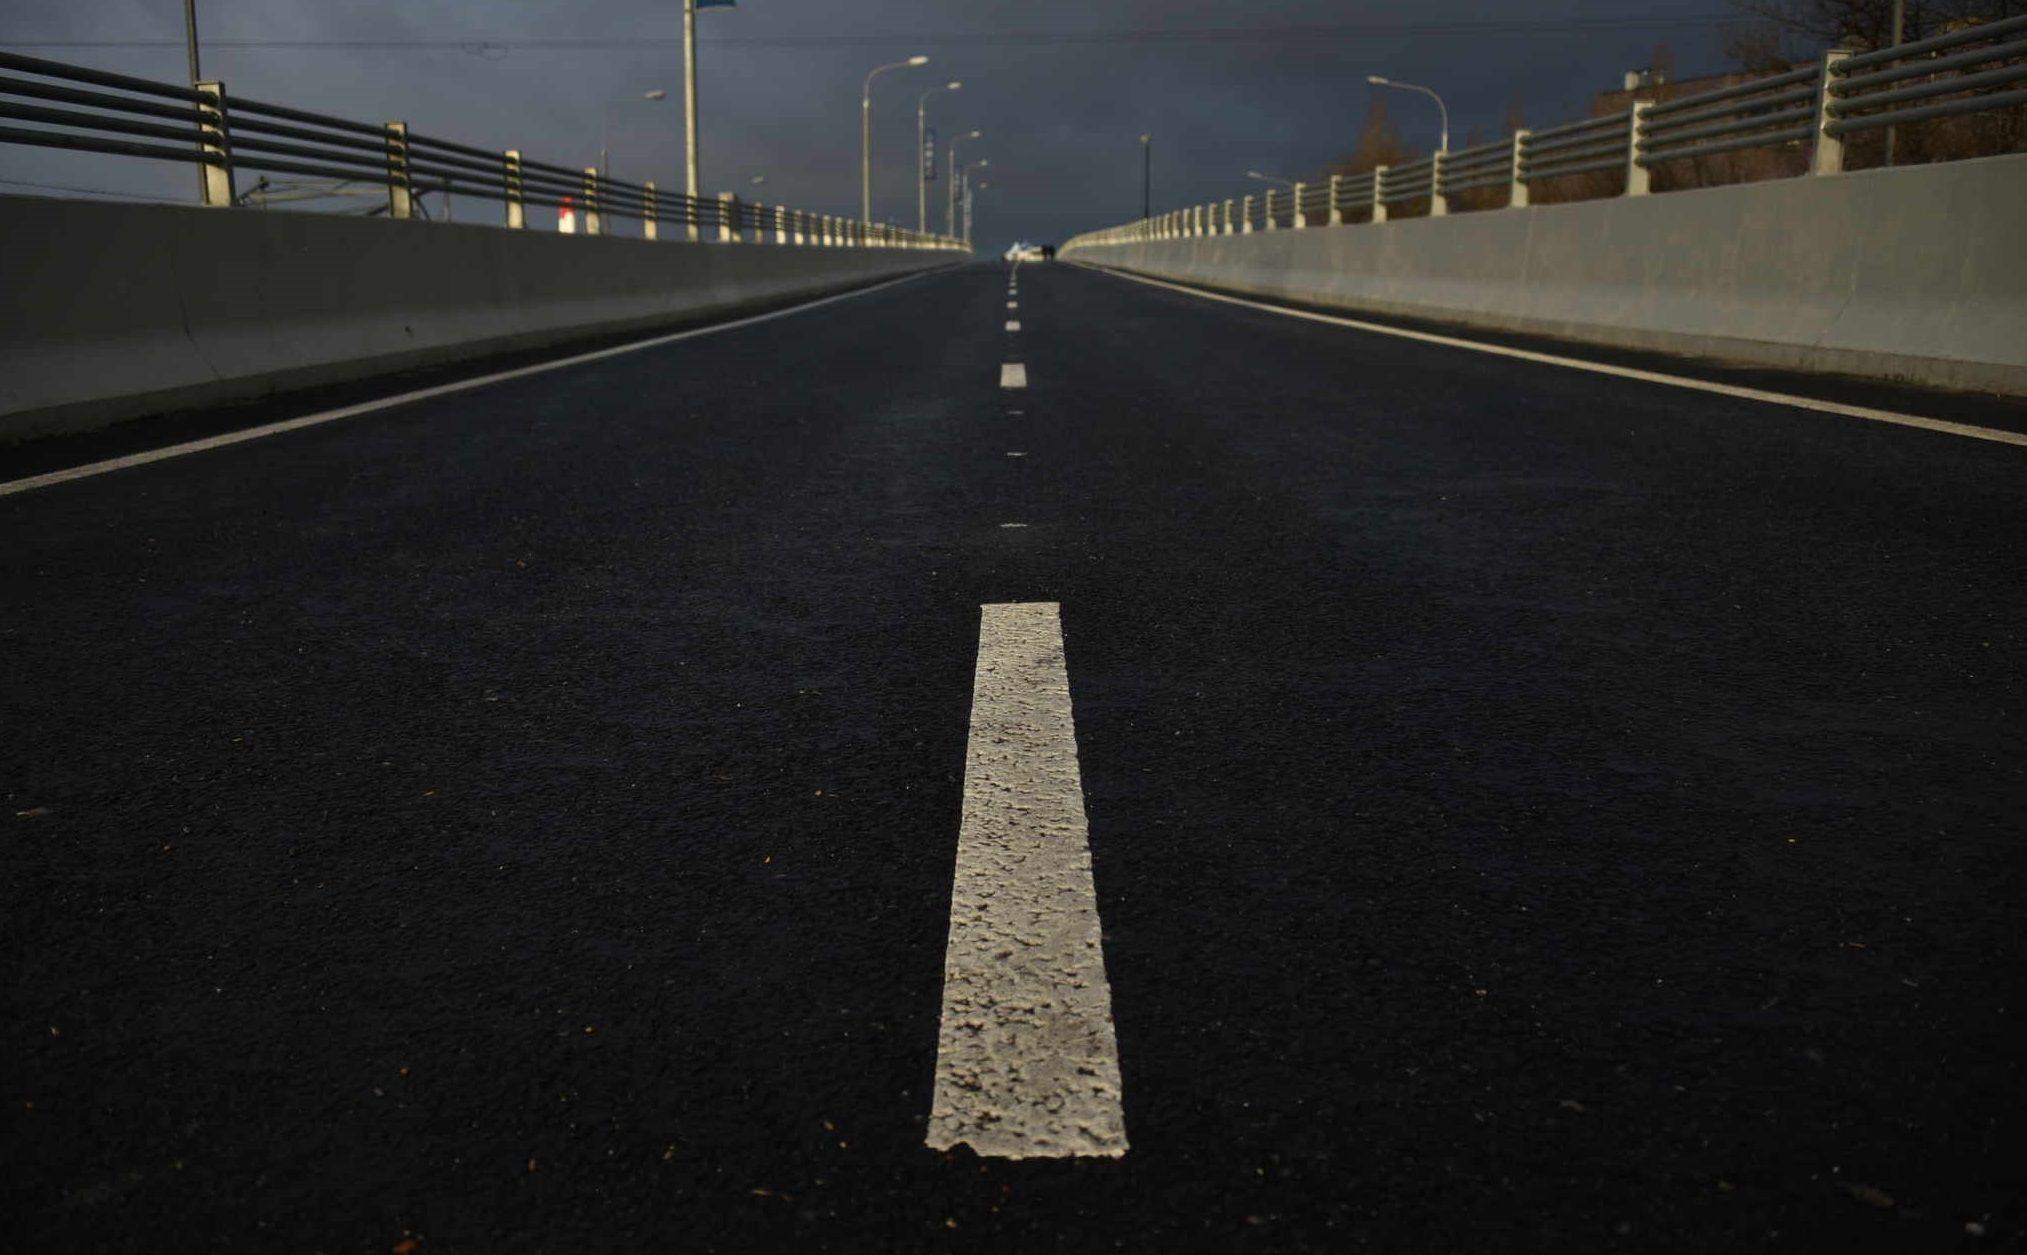 Открытие транспортно-пересадочного узла «Саларьево» ожидается в столице